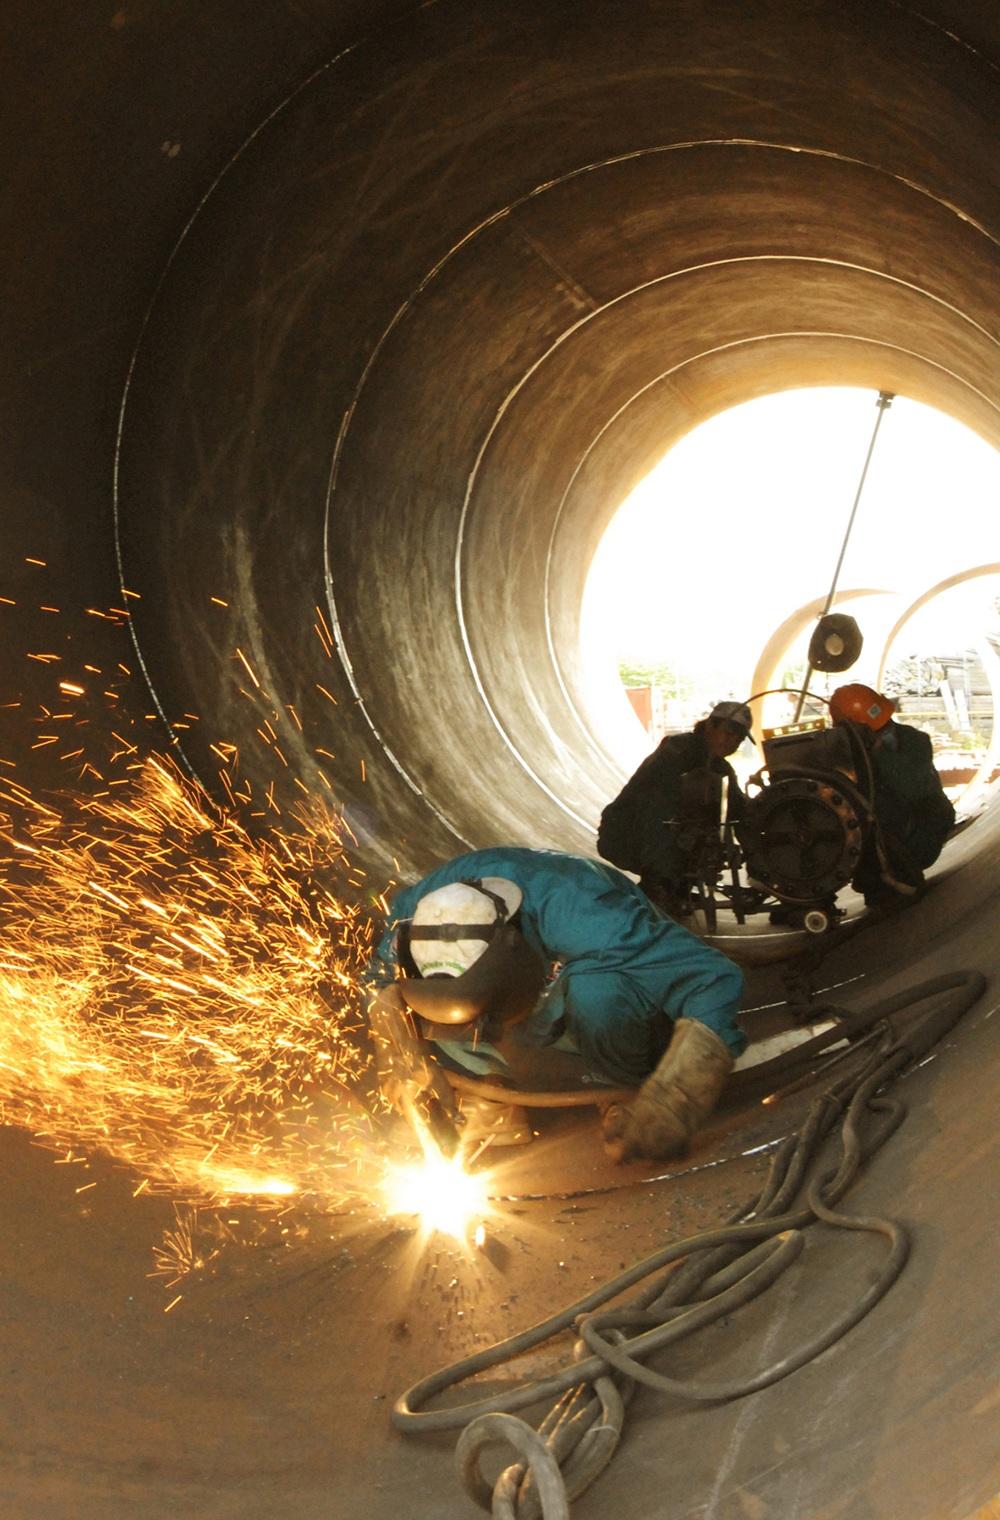 Sang panh và hàn ống thép bằng phương pháp tự động